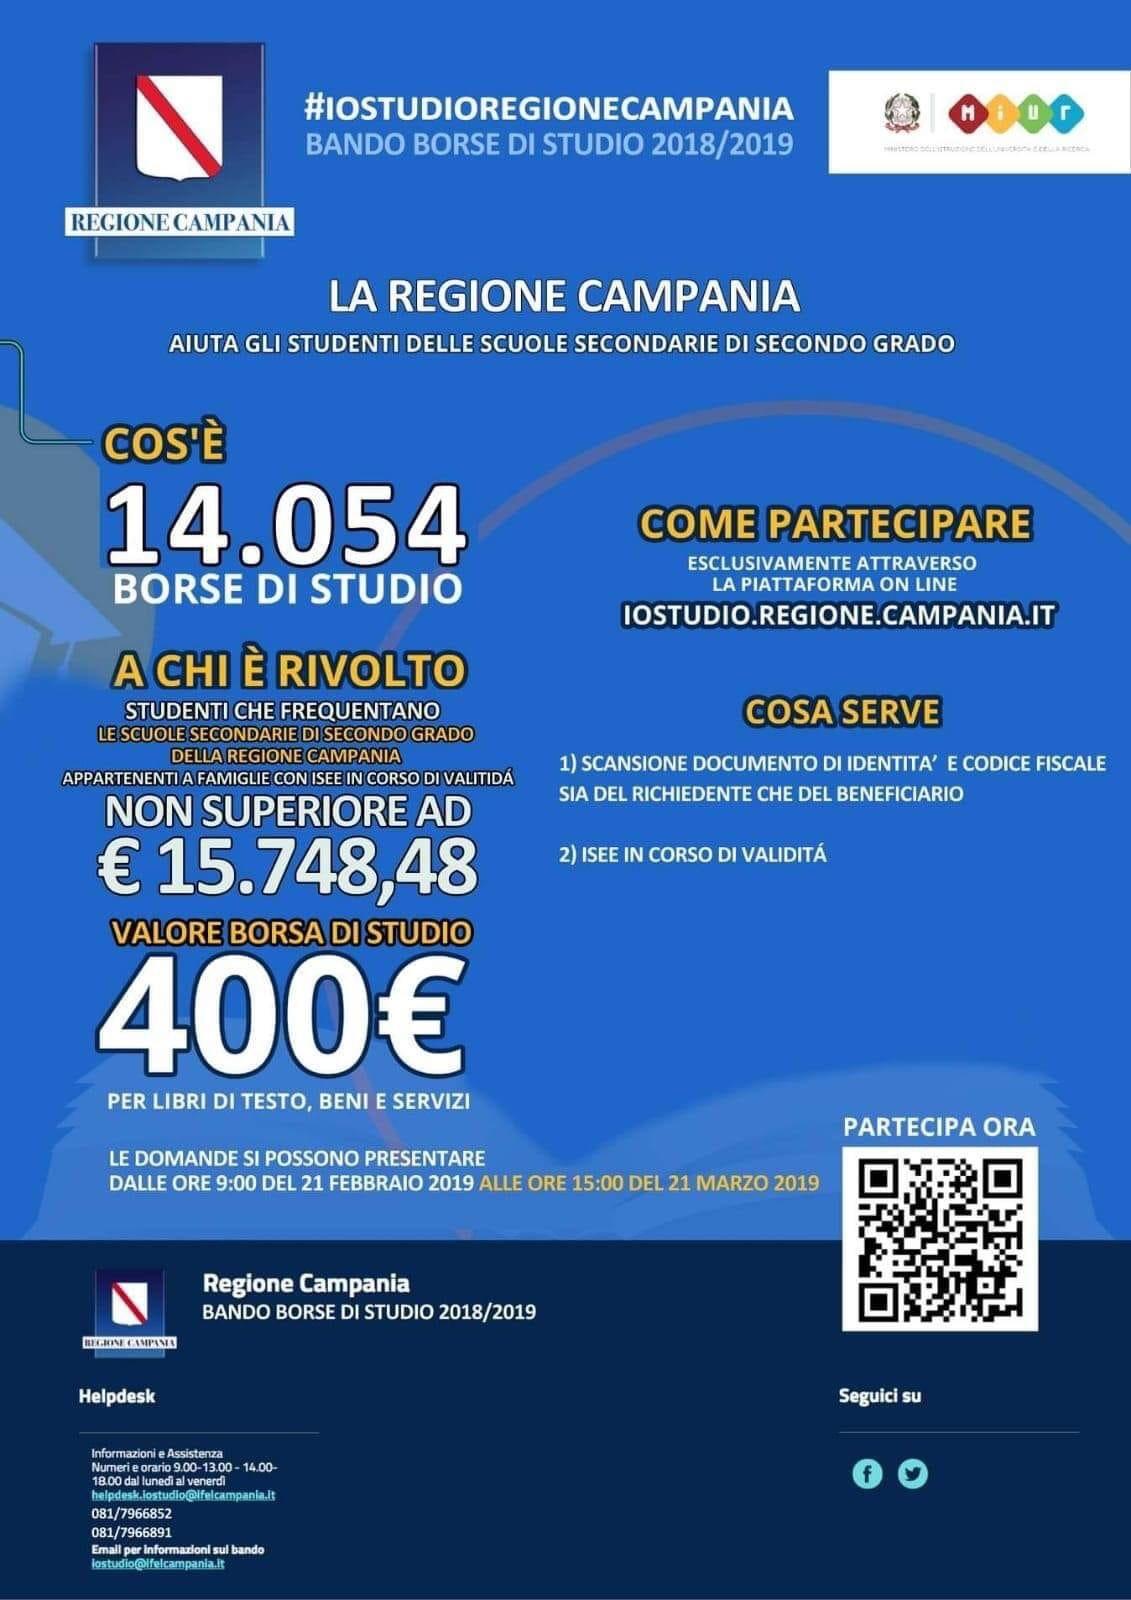 codice promozionale prezzo ufficiale prima clienti BORSE DI STUDIO REGIONE CAMPANIA - Comune di Teggiano